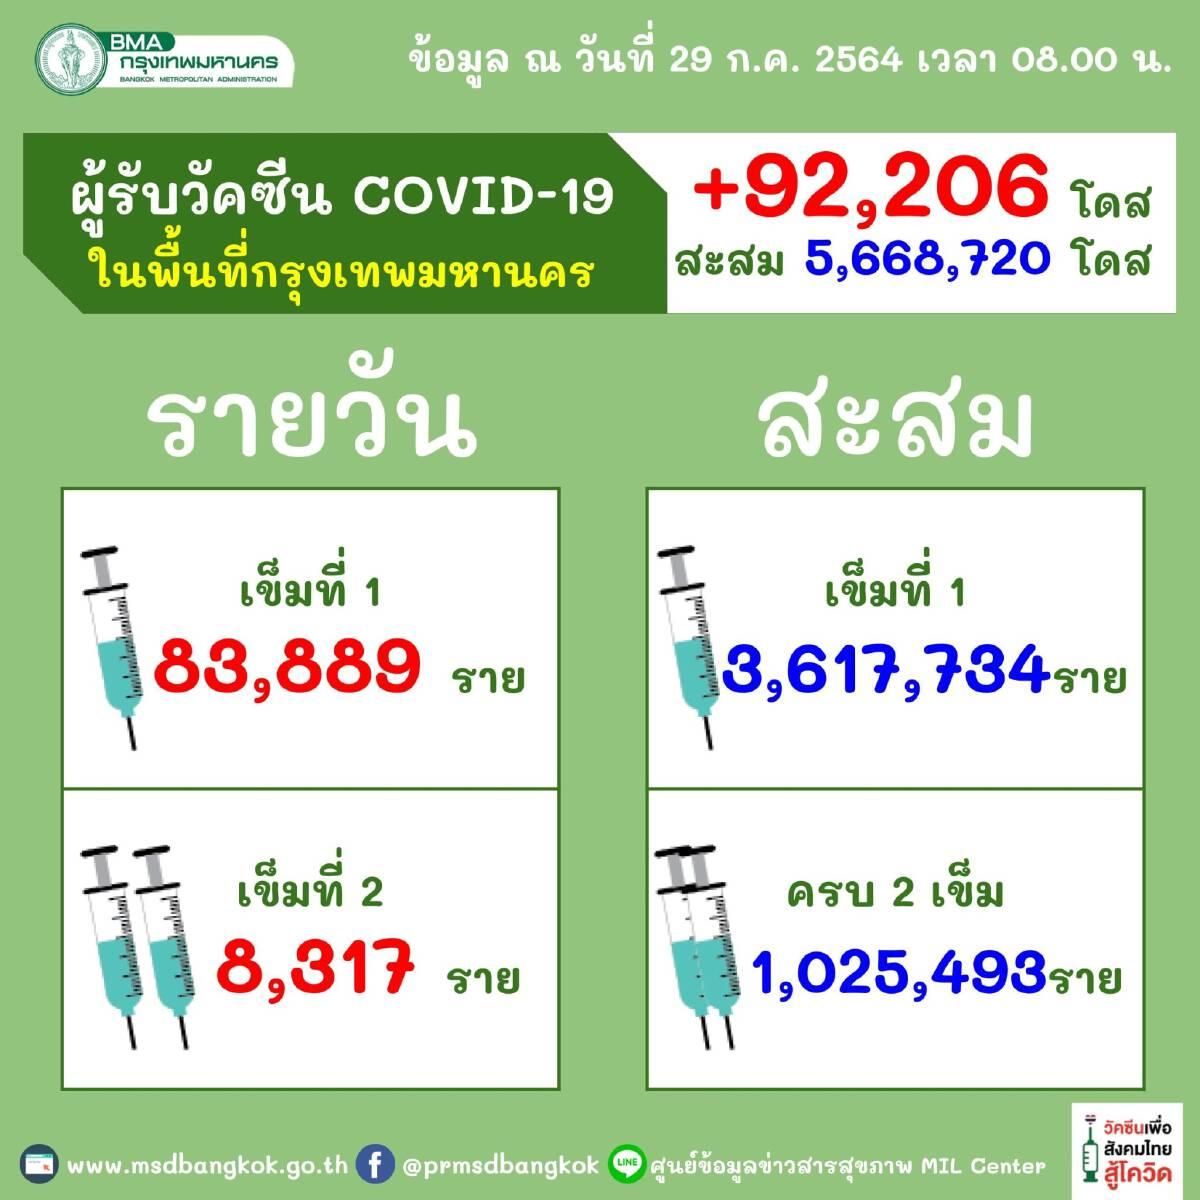 ไทยฉีดวัคซีนโควิดแล้ว 16.59 ล้านโดส 10 ชาติอาเซียนฉีดแล้ว 147.33 ล้านโดส